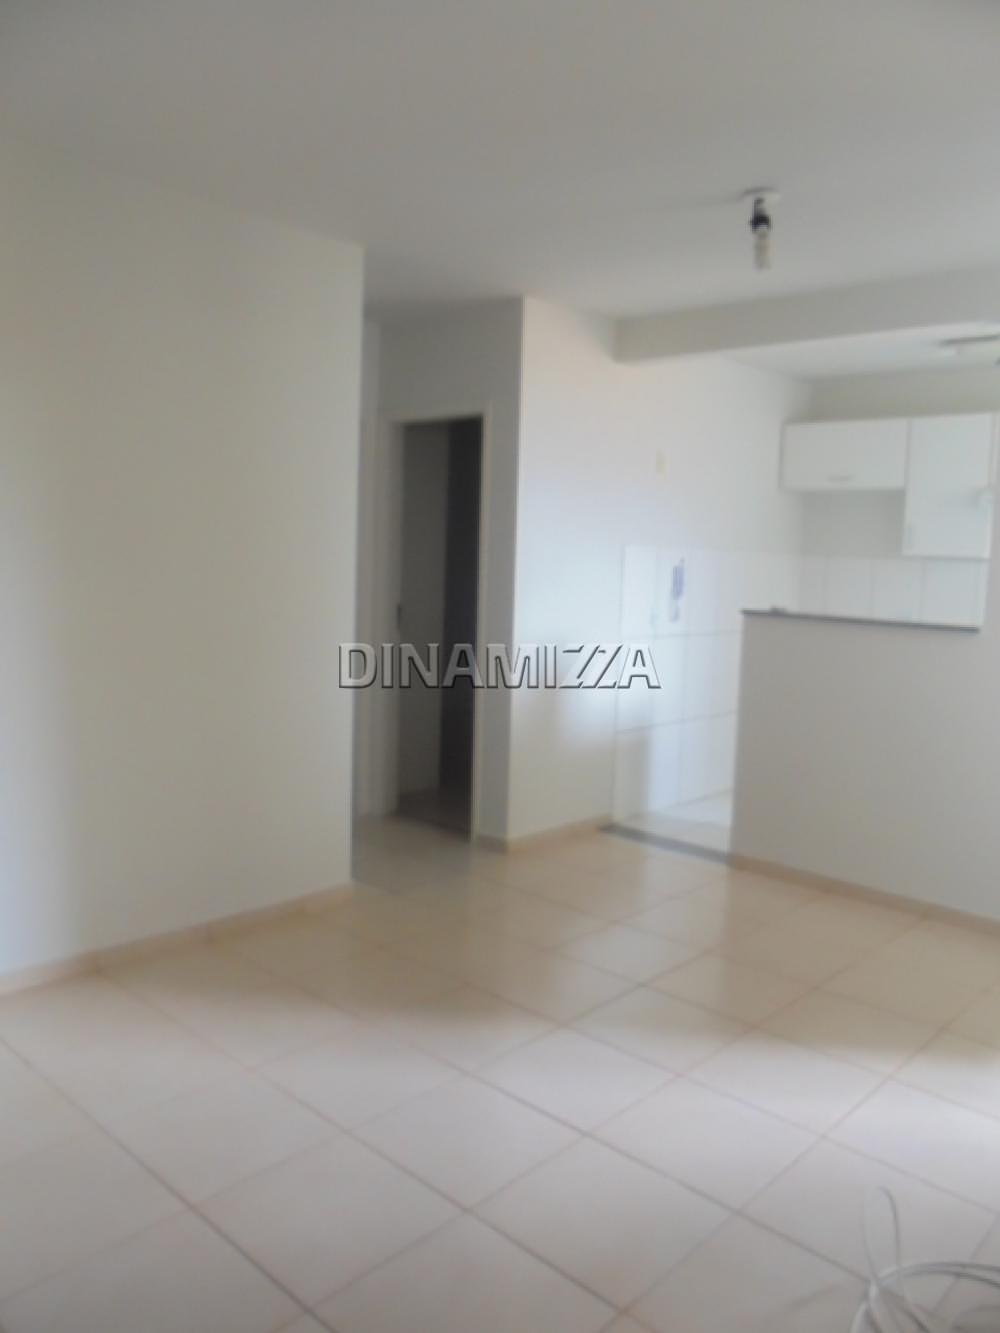 Comprar Apartamento / Padrão em Uberaba R$ 170.000,00 - Foto 2